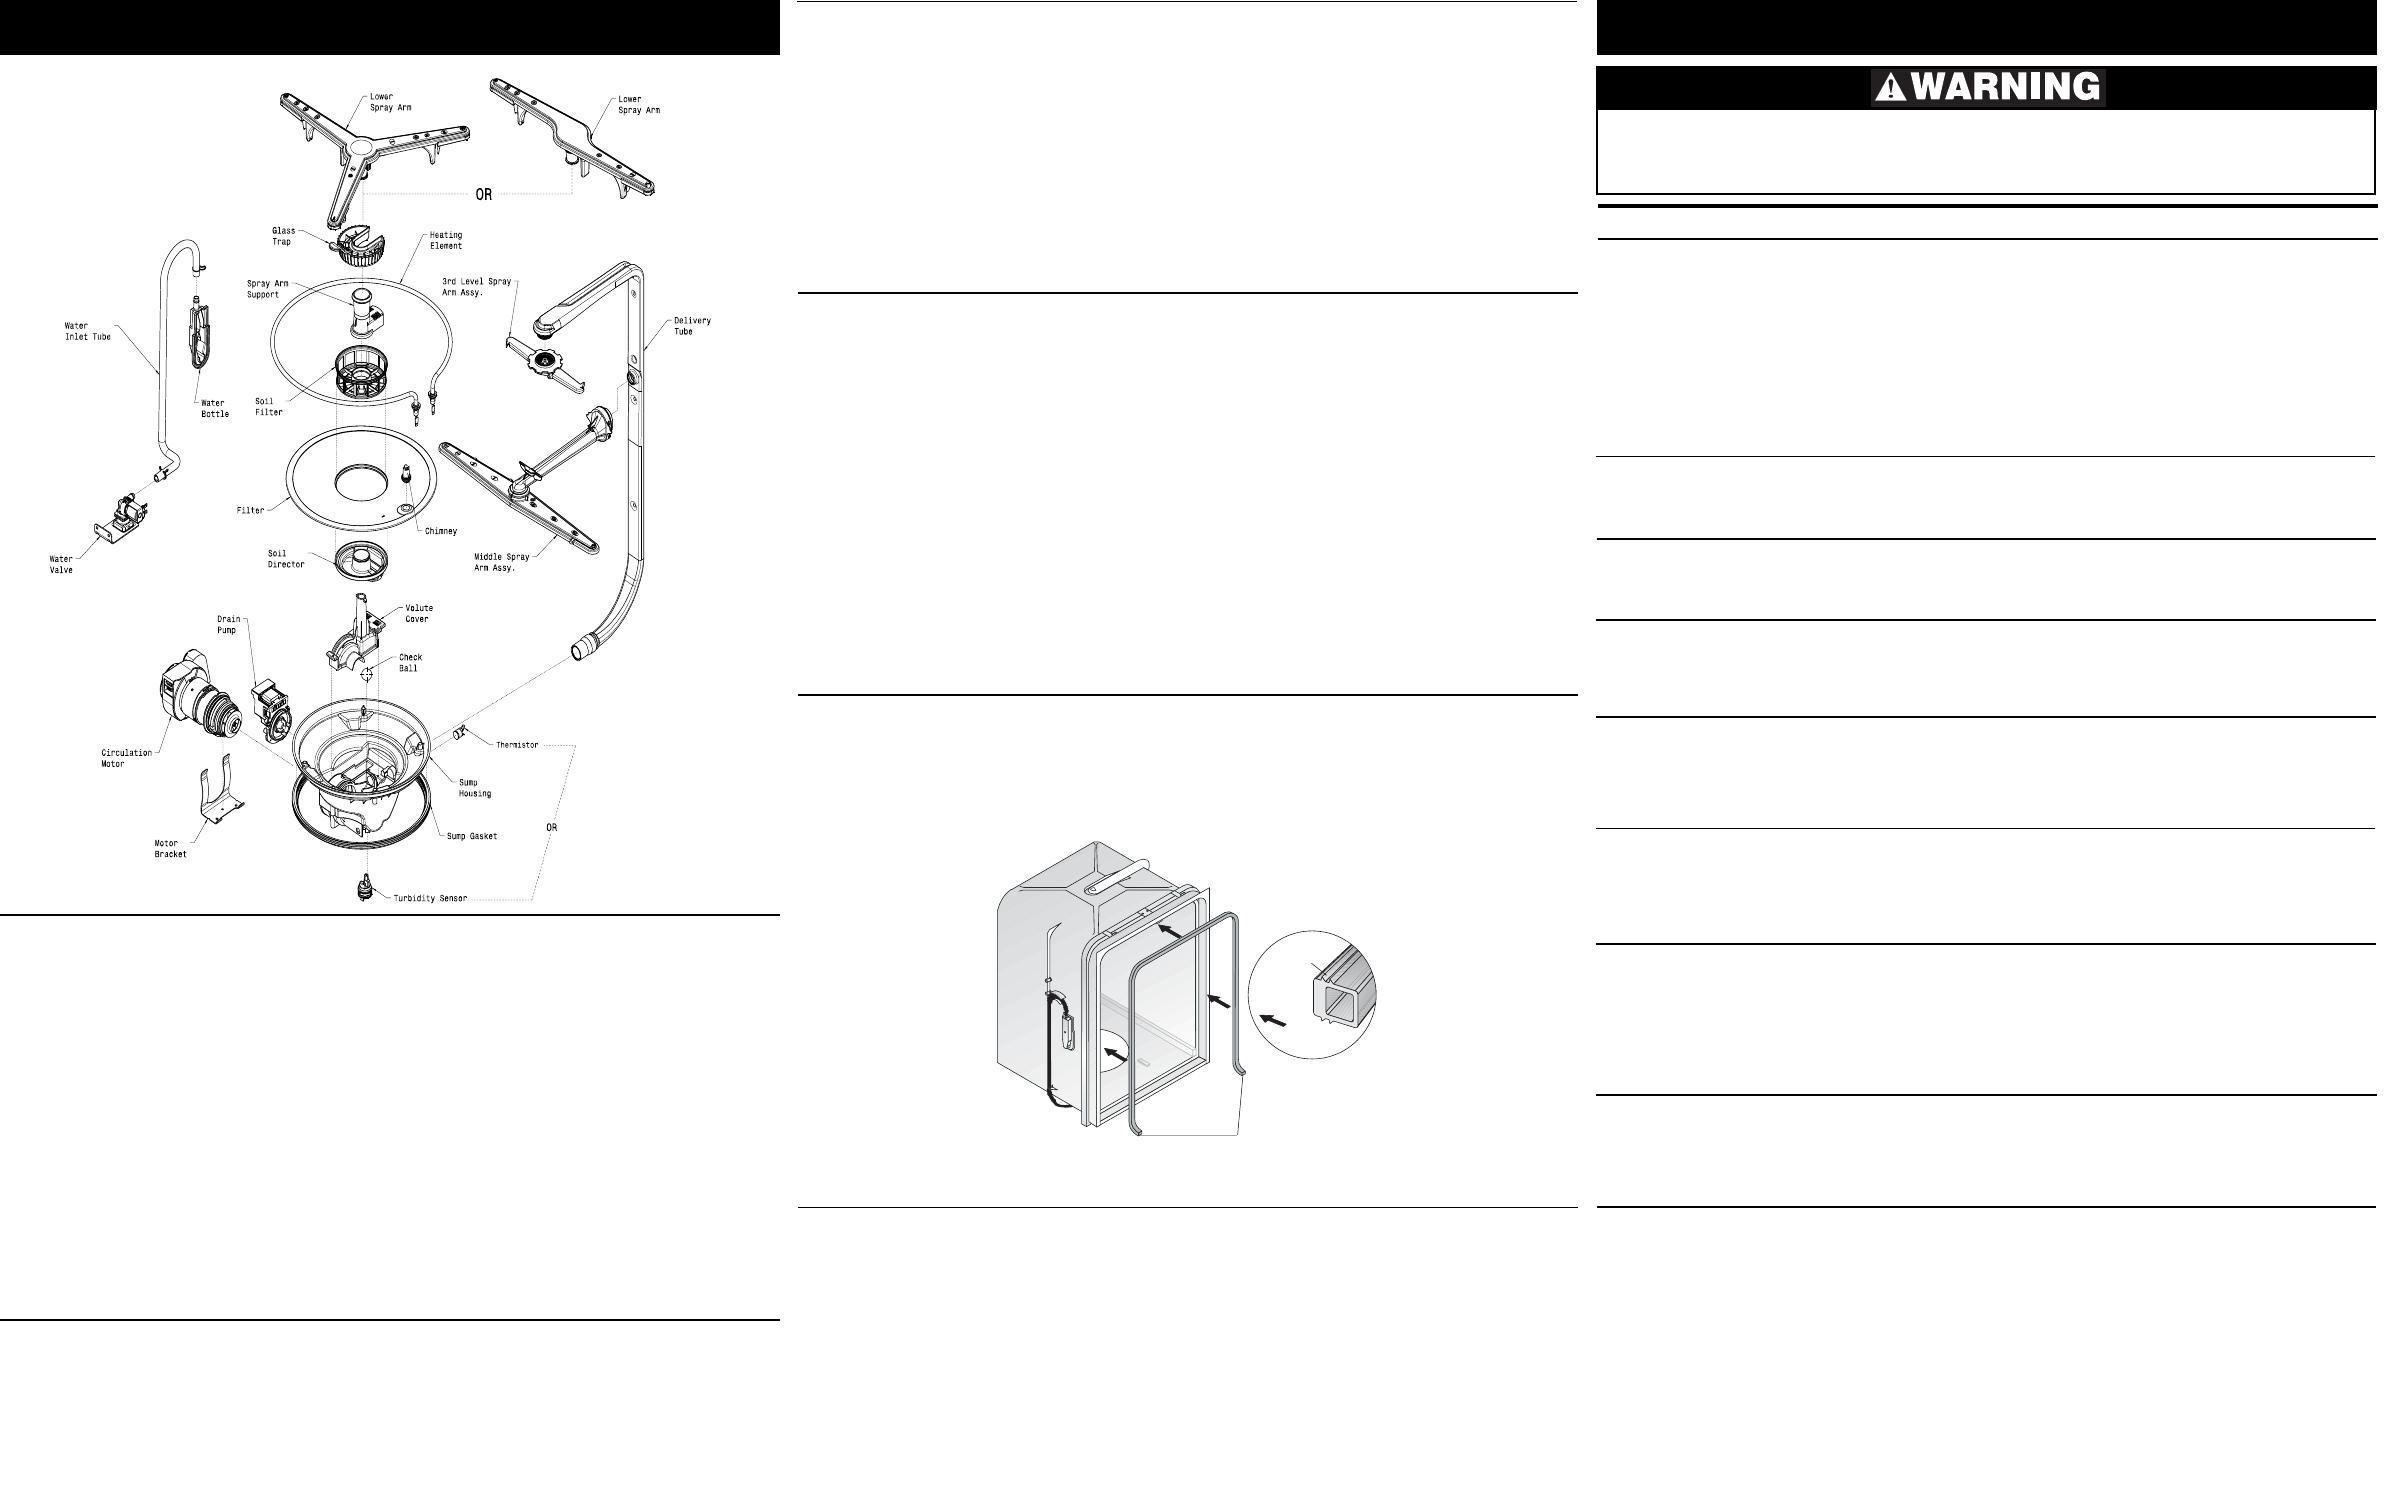 frigidaire valve wiring diagram frigidaire ffbd2411nm wiring diagram  frigidaire ffbd2411nm wiring diagram